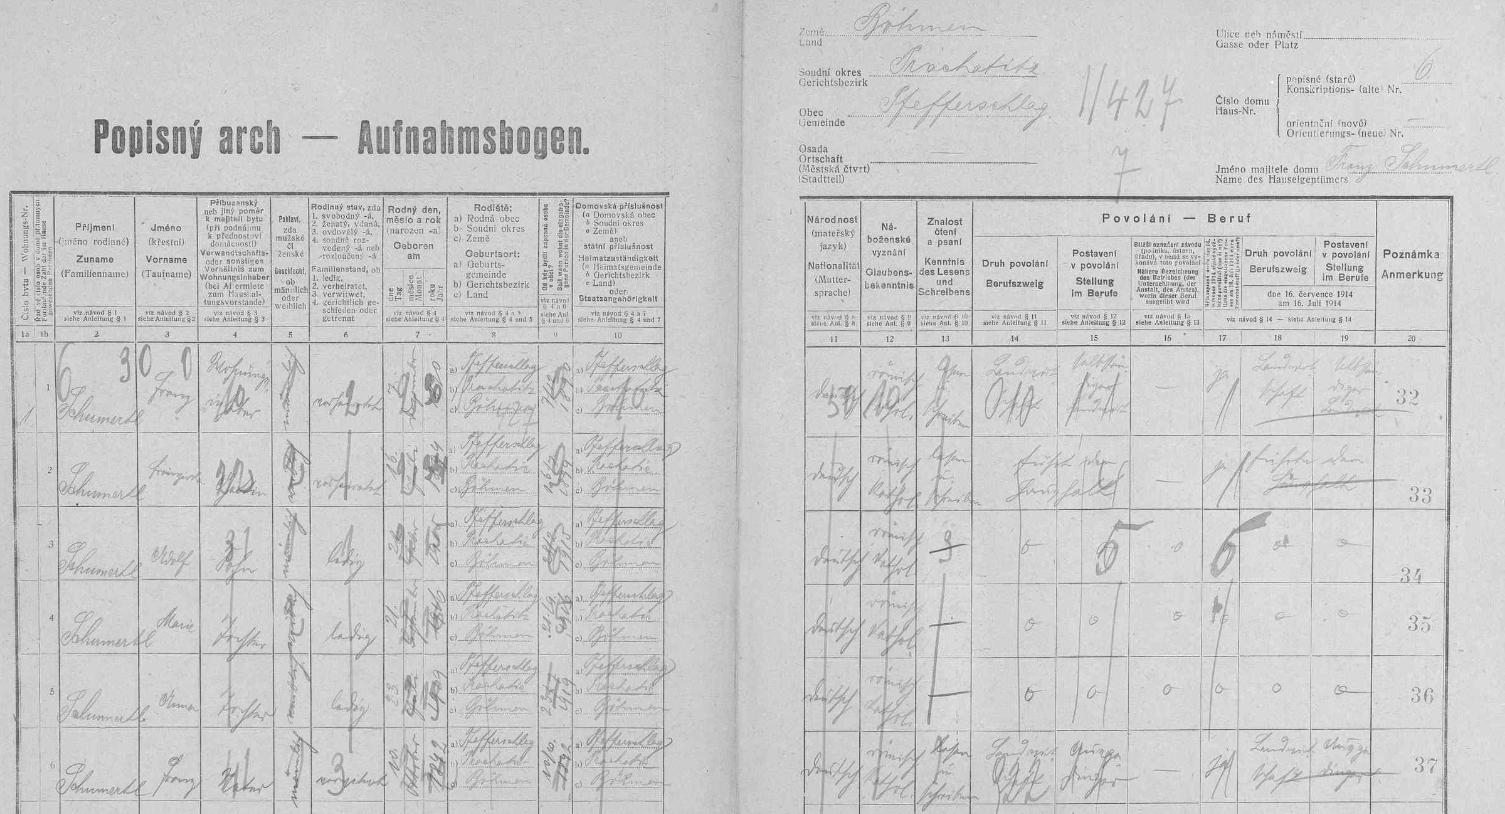 """Arch sčítání lidu z roku 1921 pro stavení čp. 6 na Libínském Sedle, kde tehdy bydlil se svou ženou, synem Adolfem, dcerami Marií a Annou, jakož i s otcem Franzem Schumertlem """"starším"""""""